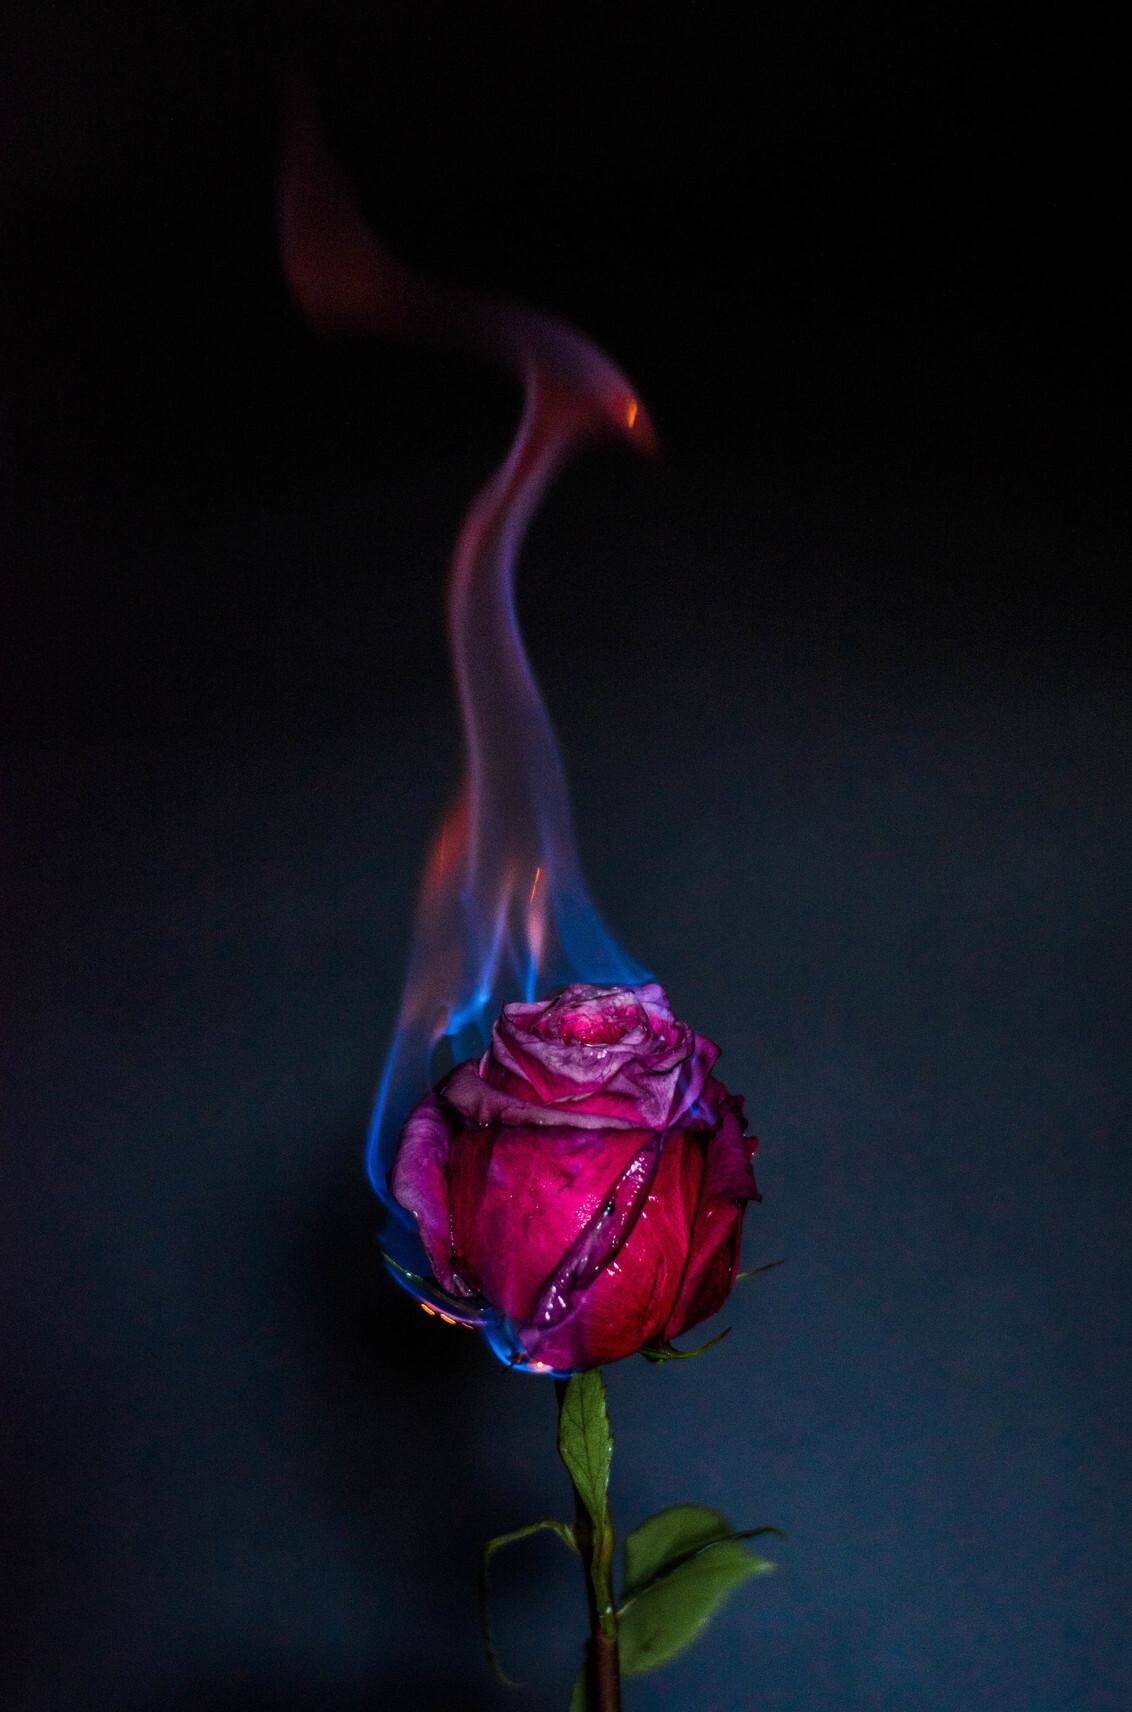 a rose is a rose - - - foto door jandeuzeman op 30-10-2017 - deze foto bevat: donker, bloem, roos, vuur